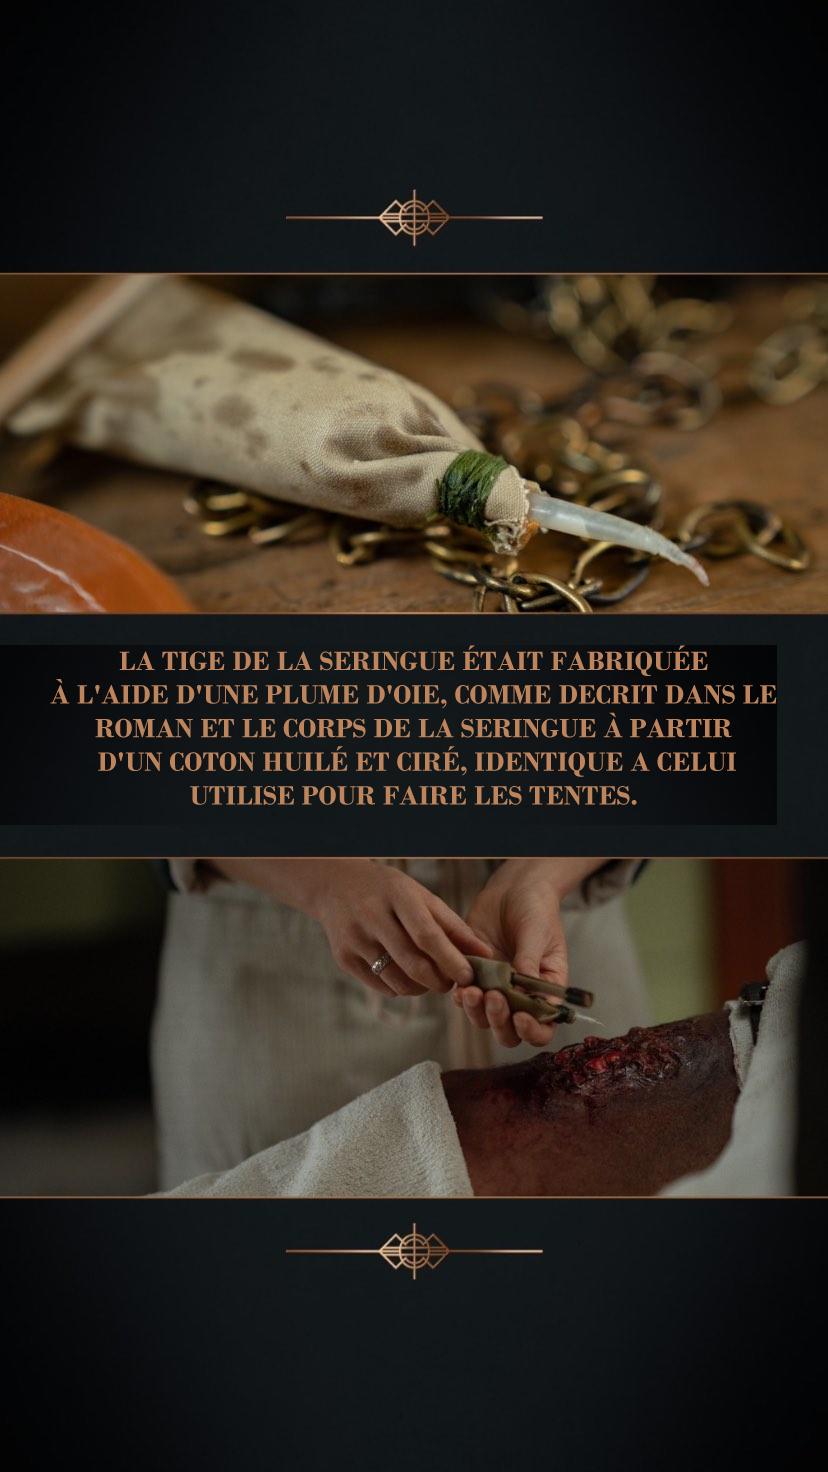 Anecdote coulisses episode 9 saison 5 outlander